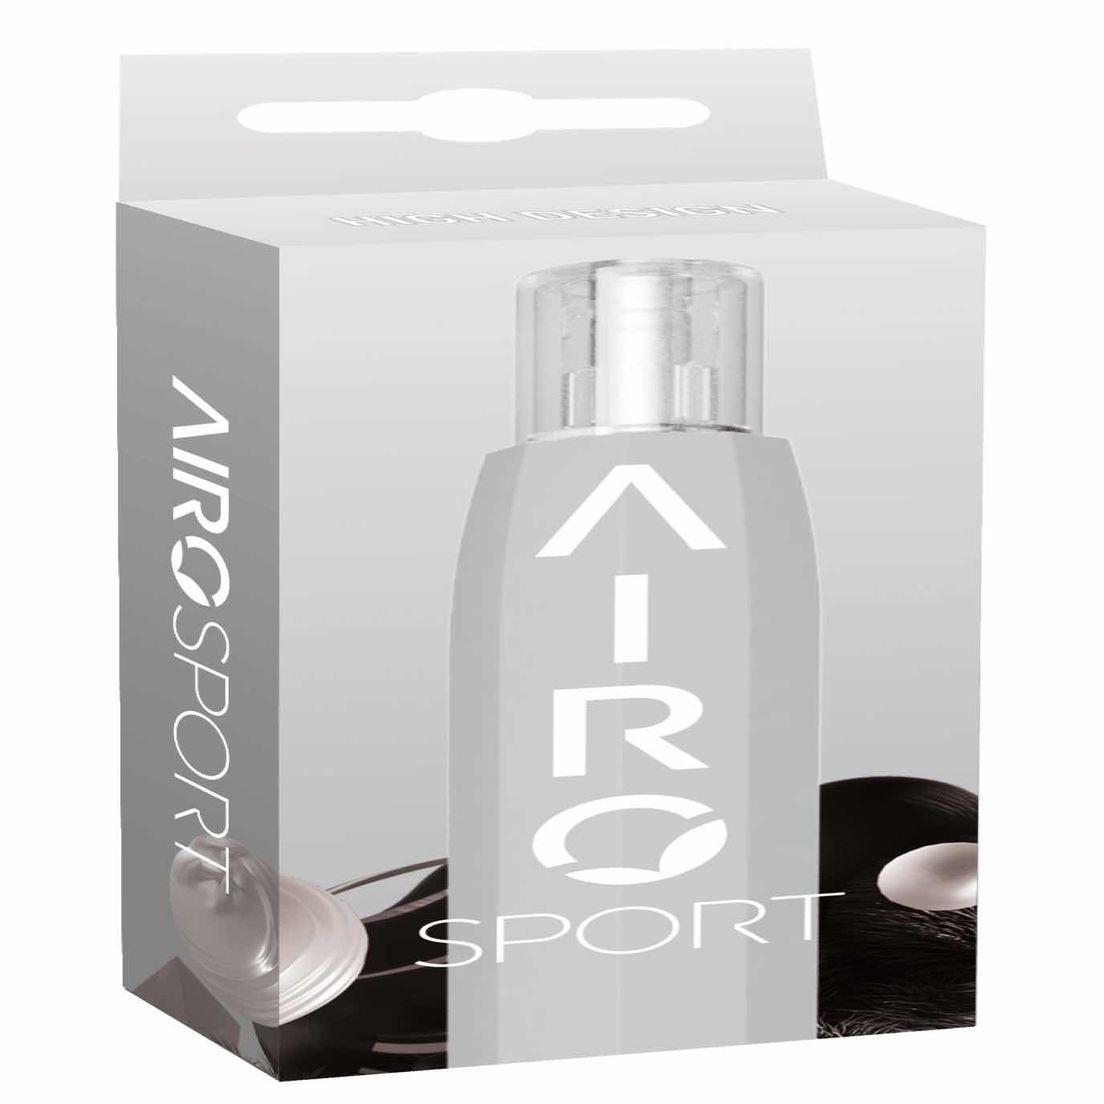 Airo Sport - Gray